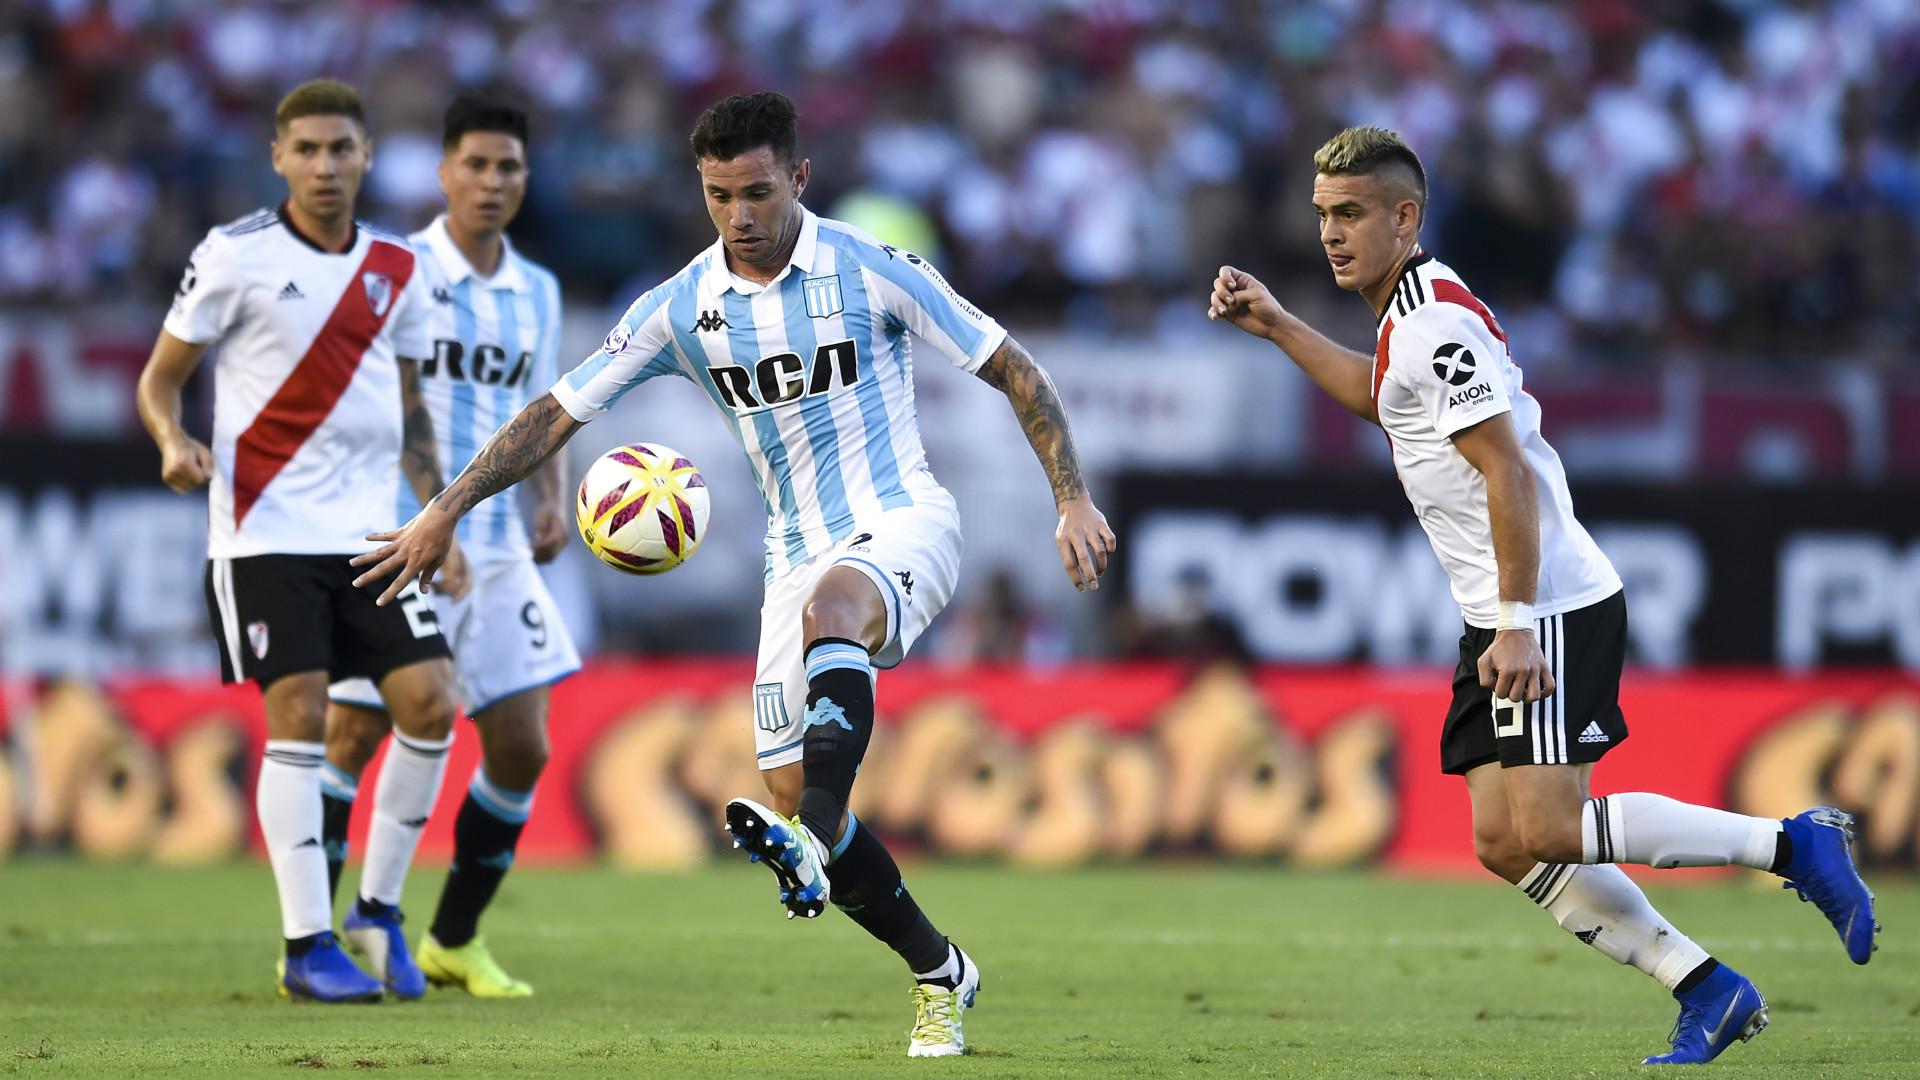 River y Racing tienen fecha confirmada para la Supercopa Argentina